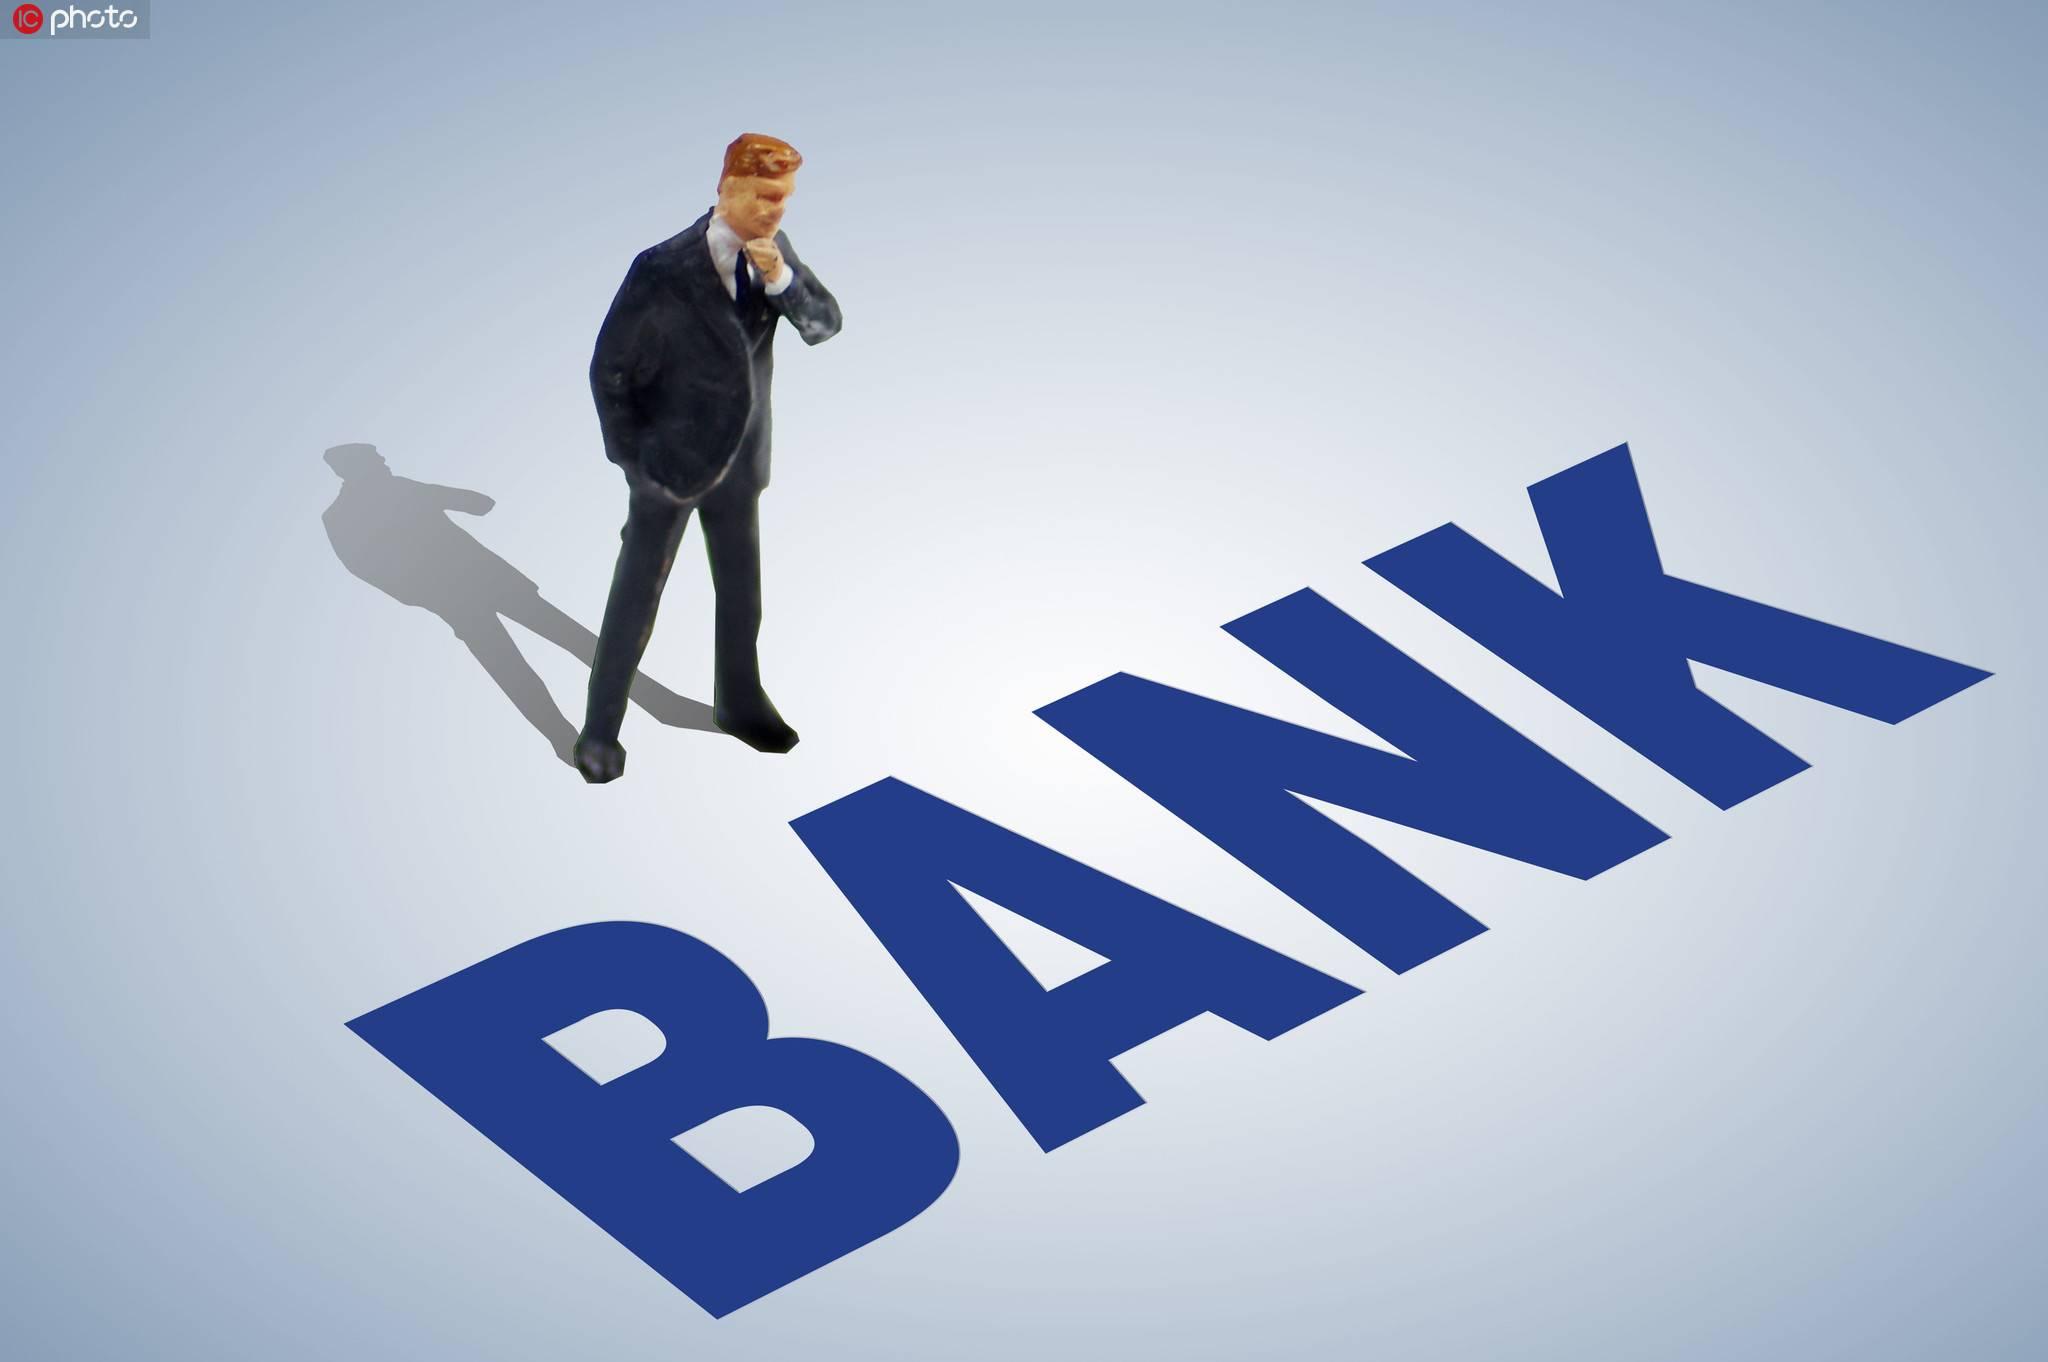 银行,ETC,第三方支付机构,支付宝,腾讯,阿里,停简单,蚂蚁金服,银行,科拓停车,用户画像,大数据,移动支付,OBU